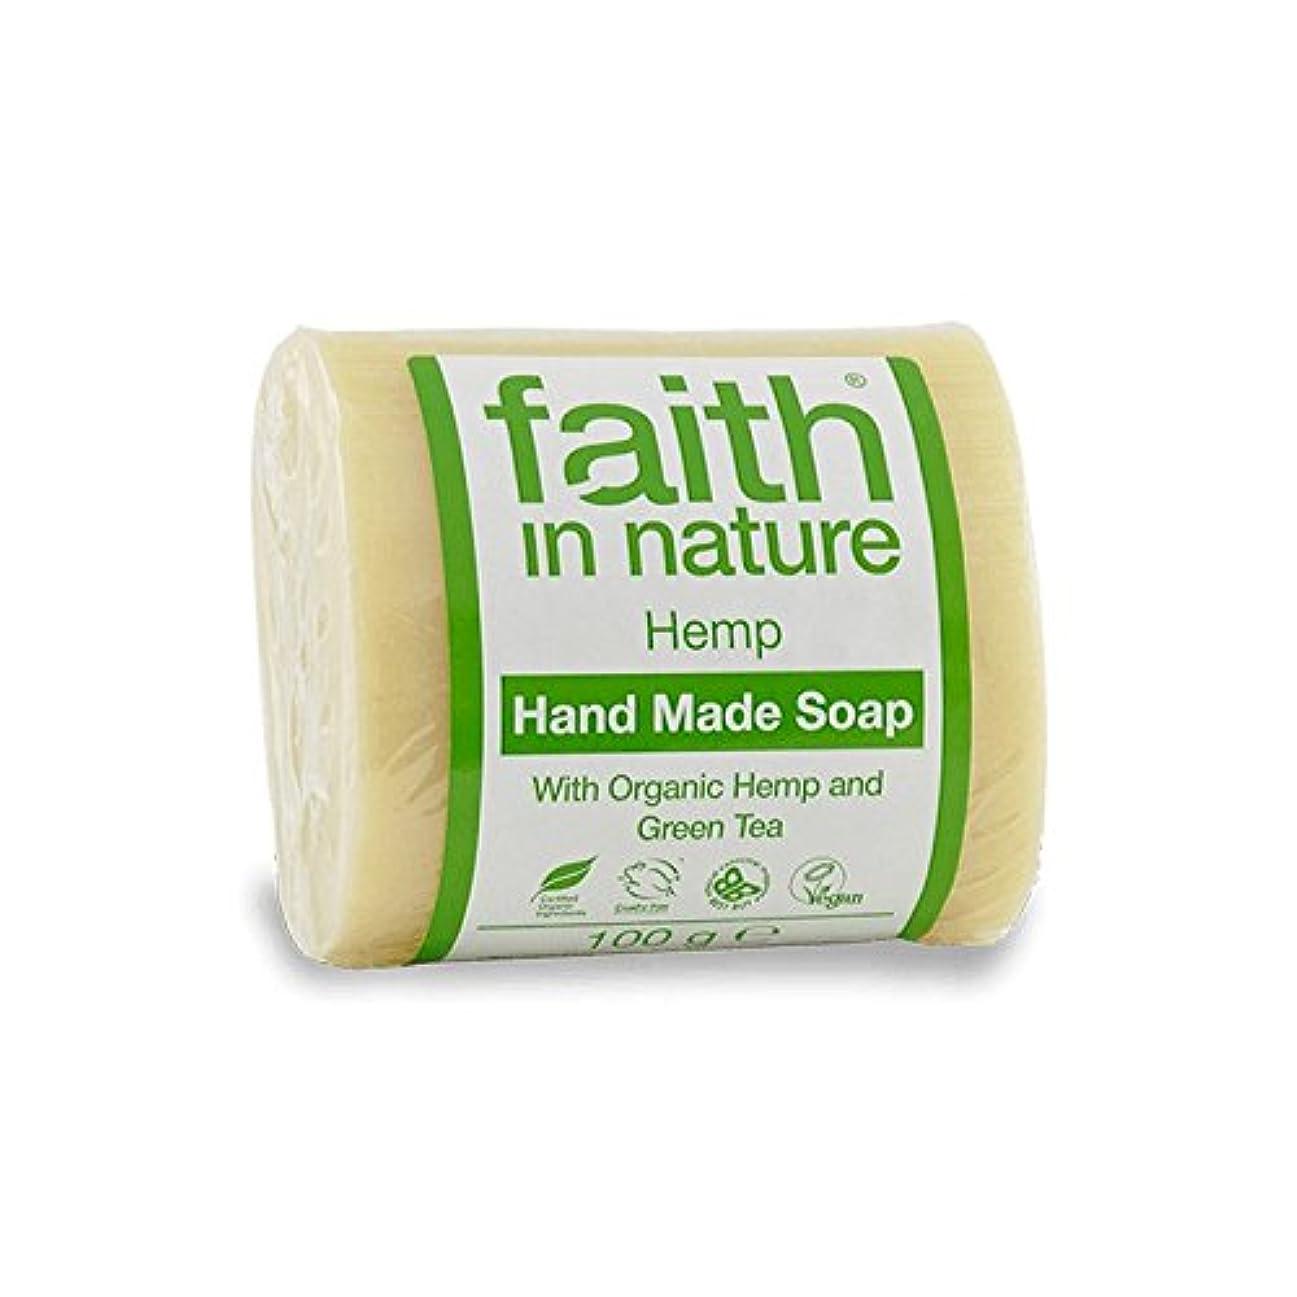 可決本部レバー緑茶石鹸100グラムと自然の麻の信仰 - Faith in Nature Hemp with Green Tea Soap 100g (Faith in Nature) [並行輸入品]